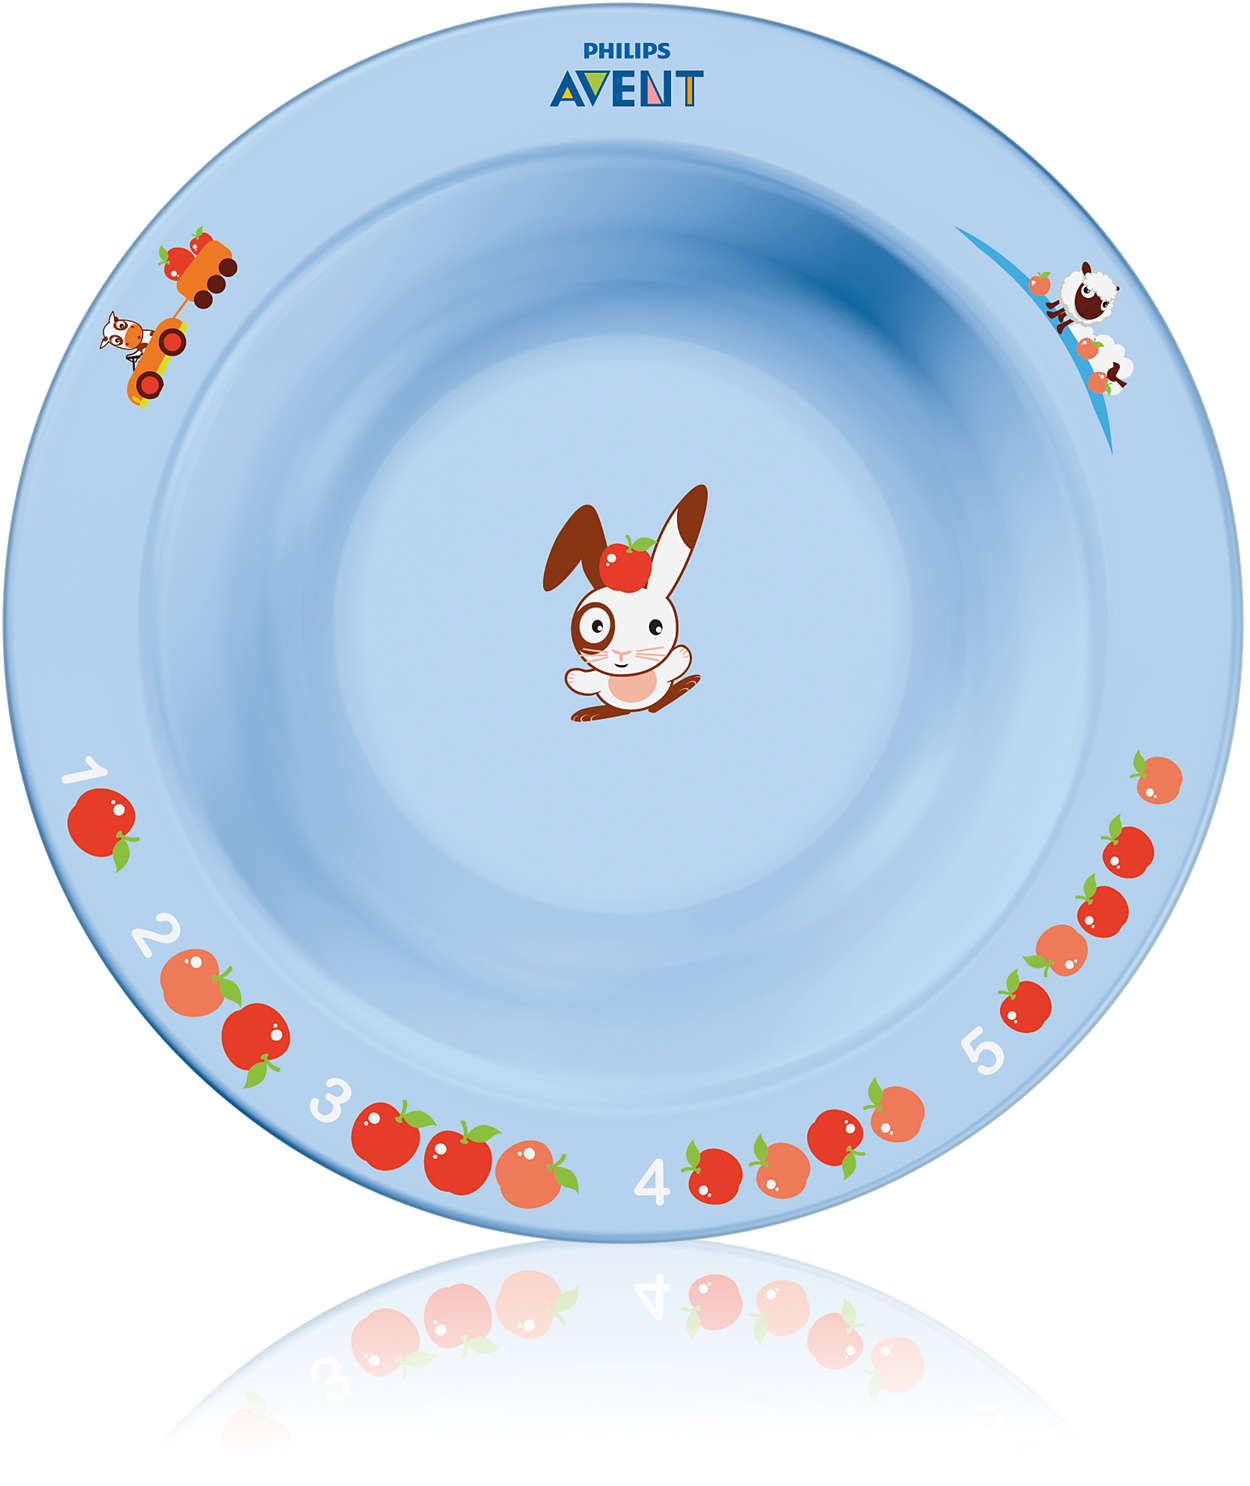 Заохочення до їжі через цікаве пізнання